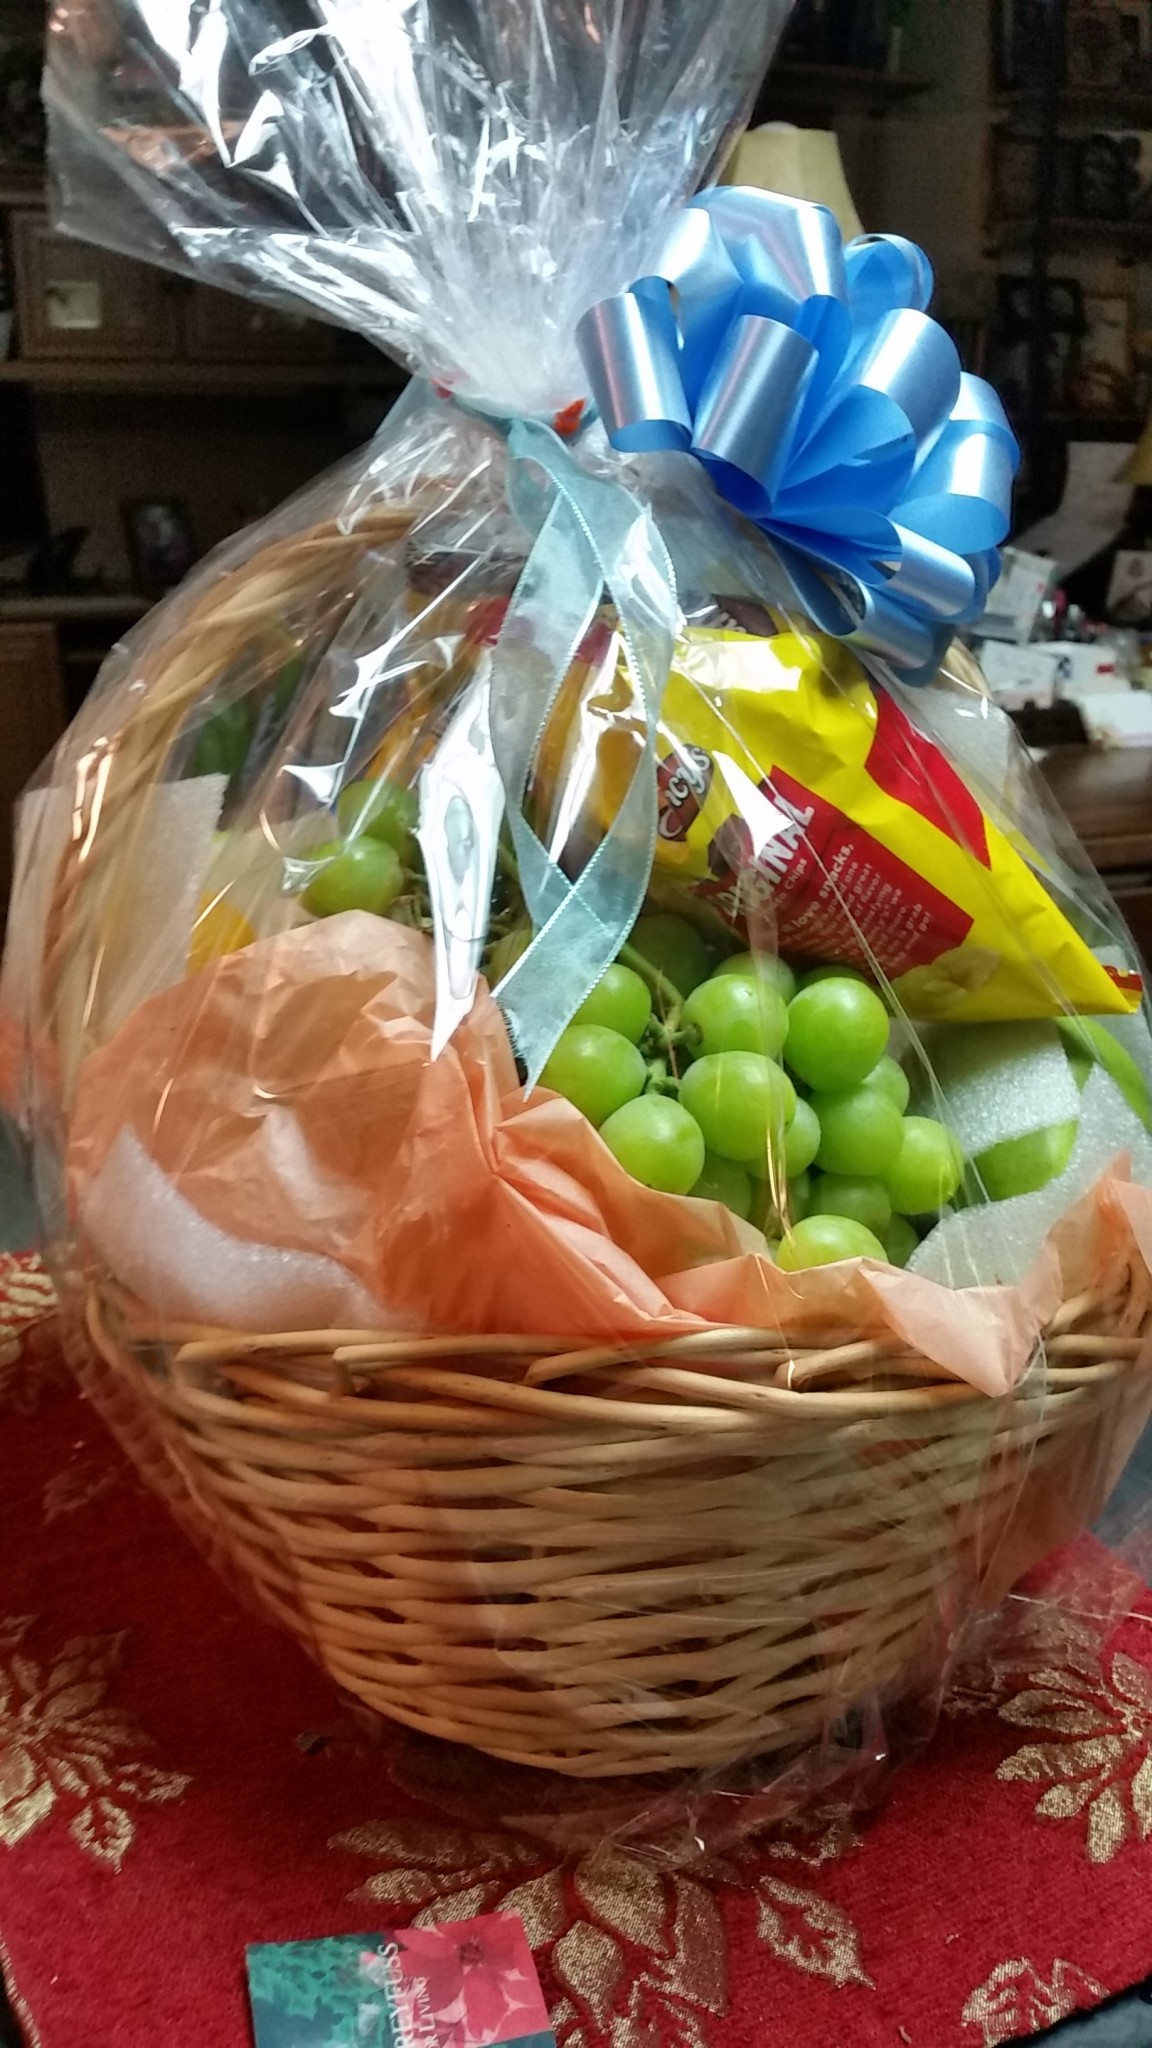 Lotsa Fruit